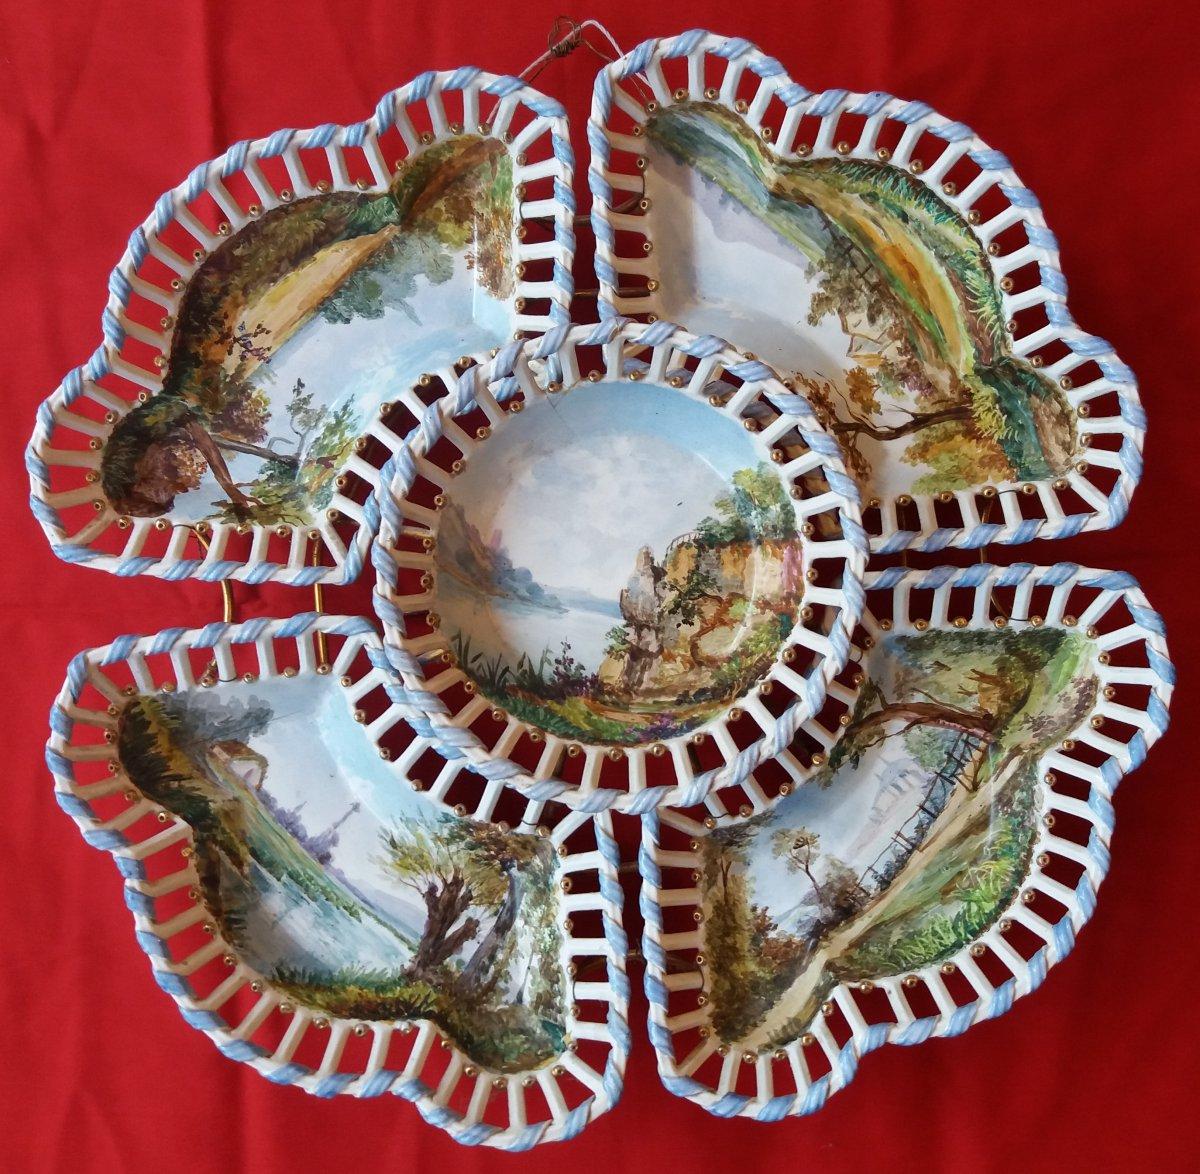 Earthenware From Langeais: Especially From Table De Carré De Busserolle